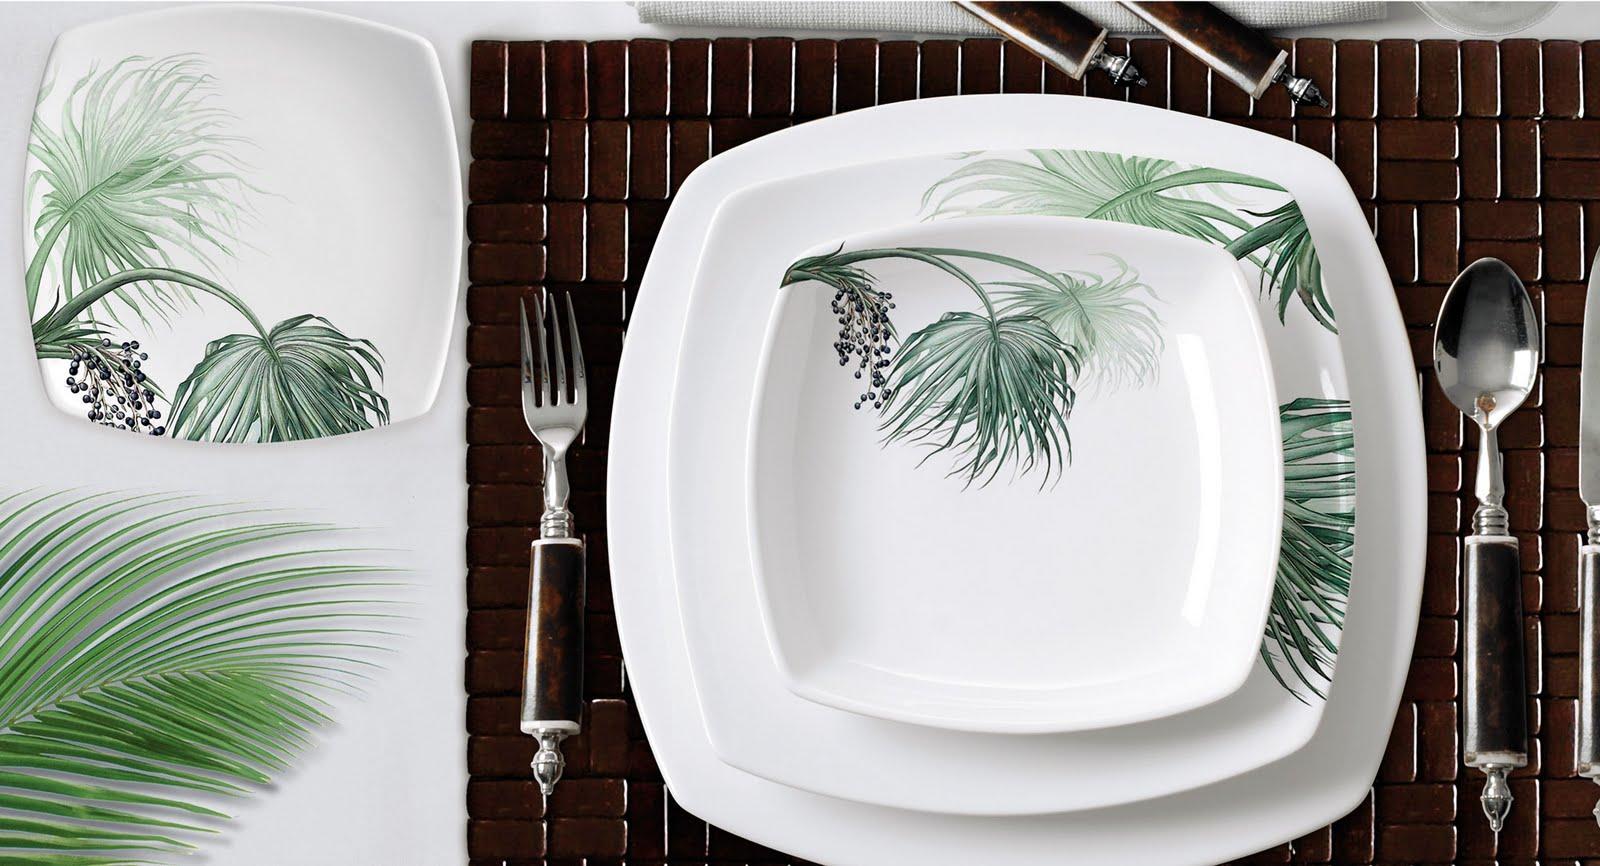 EXPRESSATE ADORO!: Aparelho de jantar ou peças individuais. #241510 1600x866